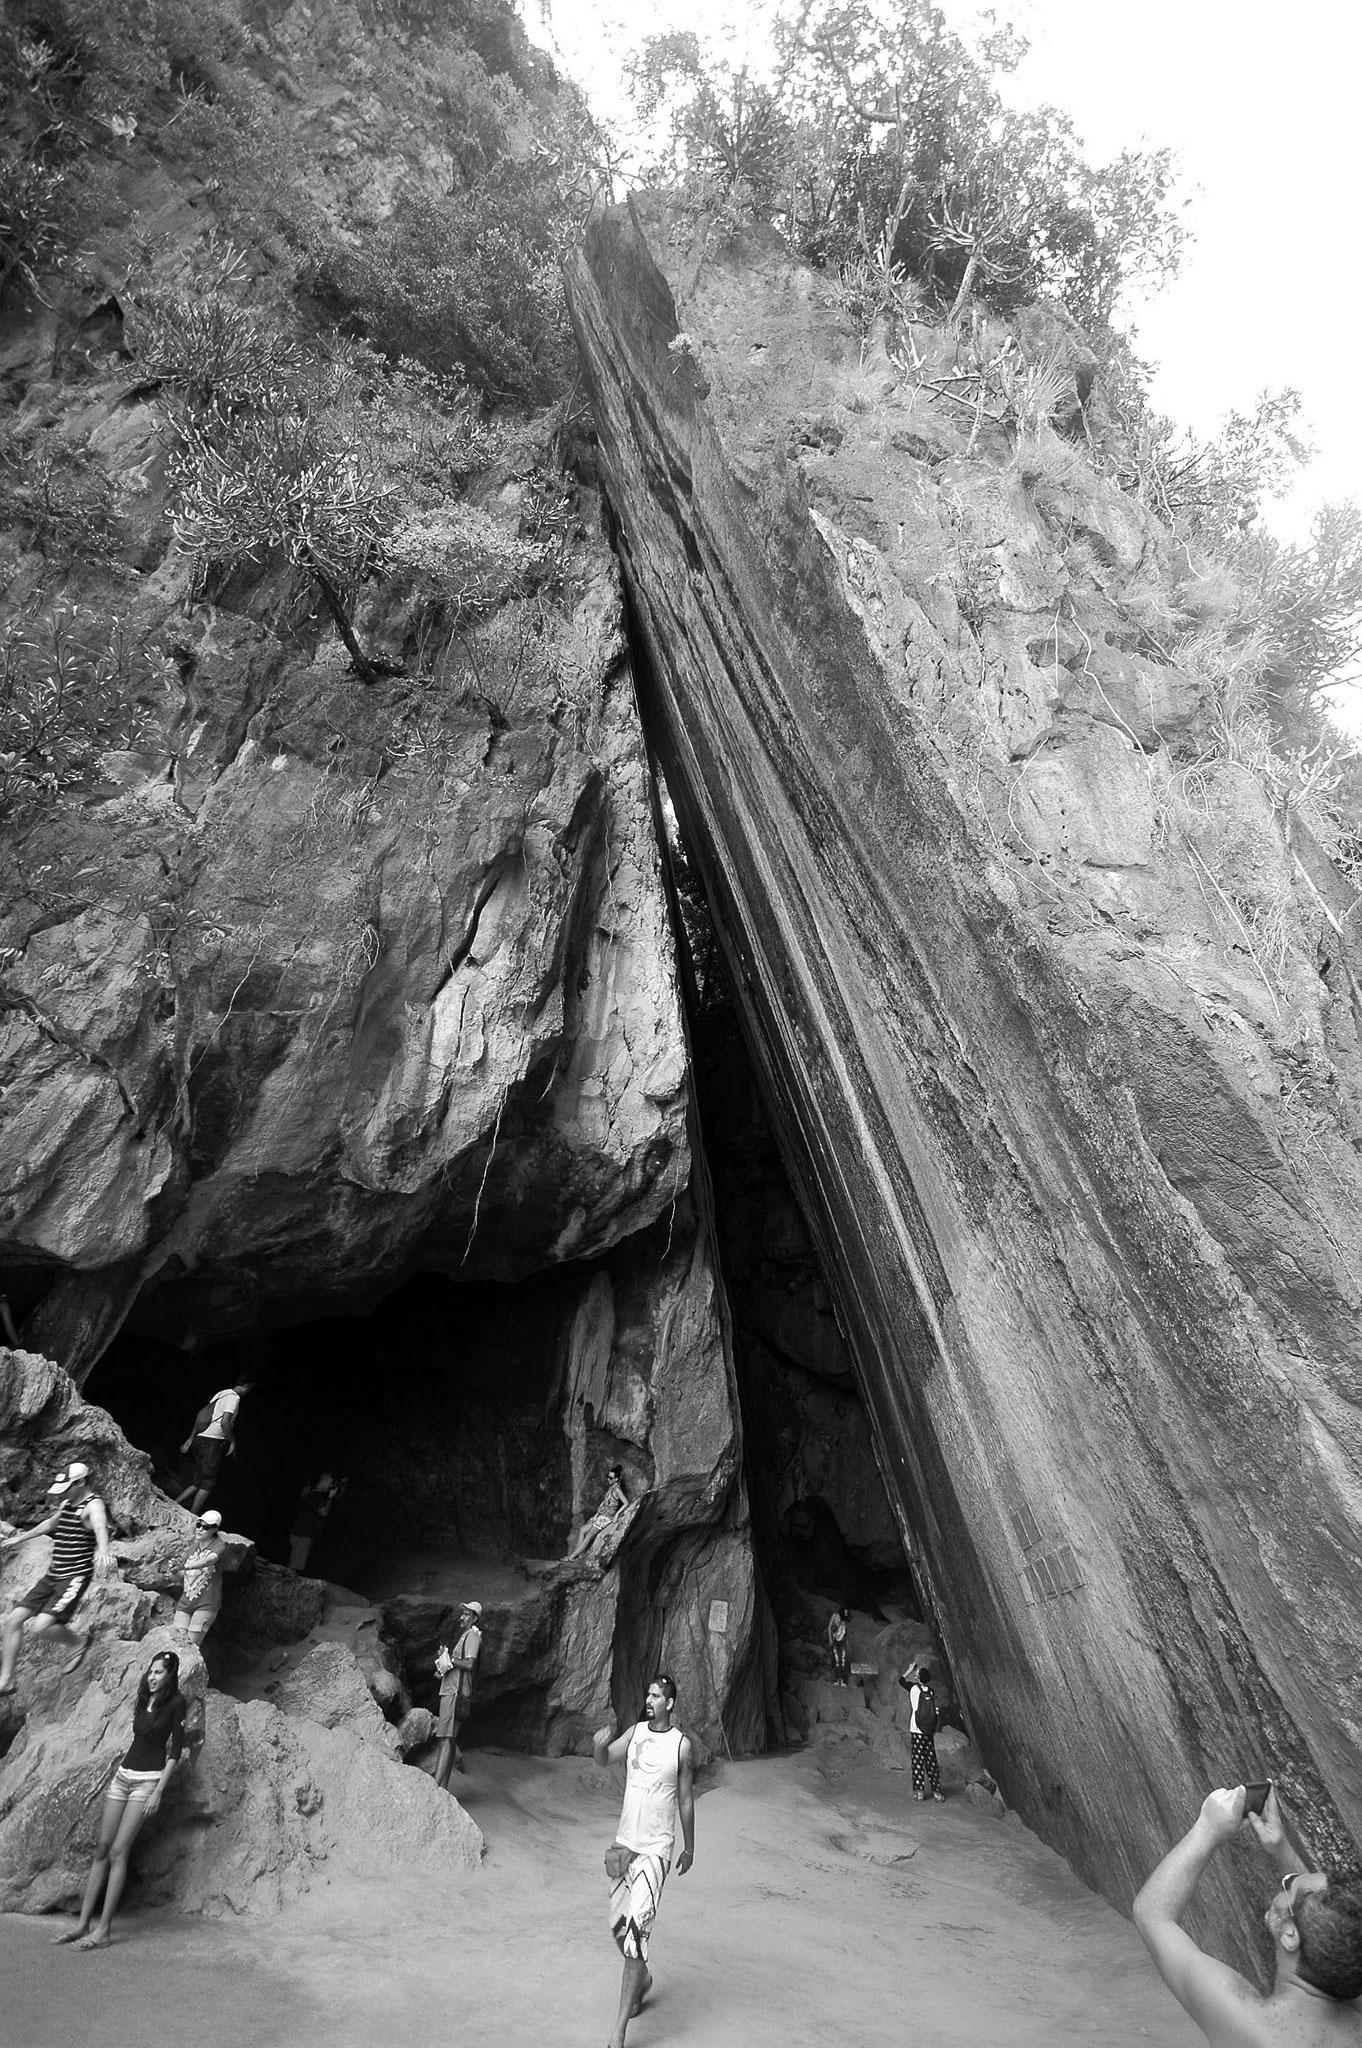 Посмотрев на вот такие монструозные скалистые монолиты...